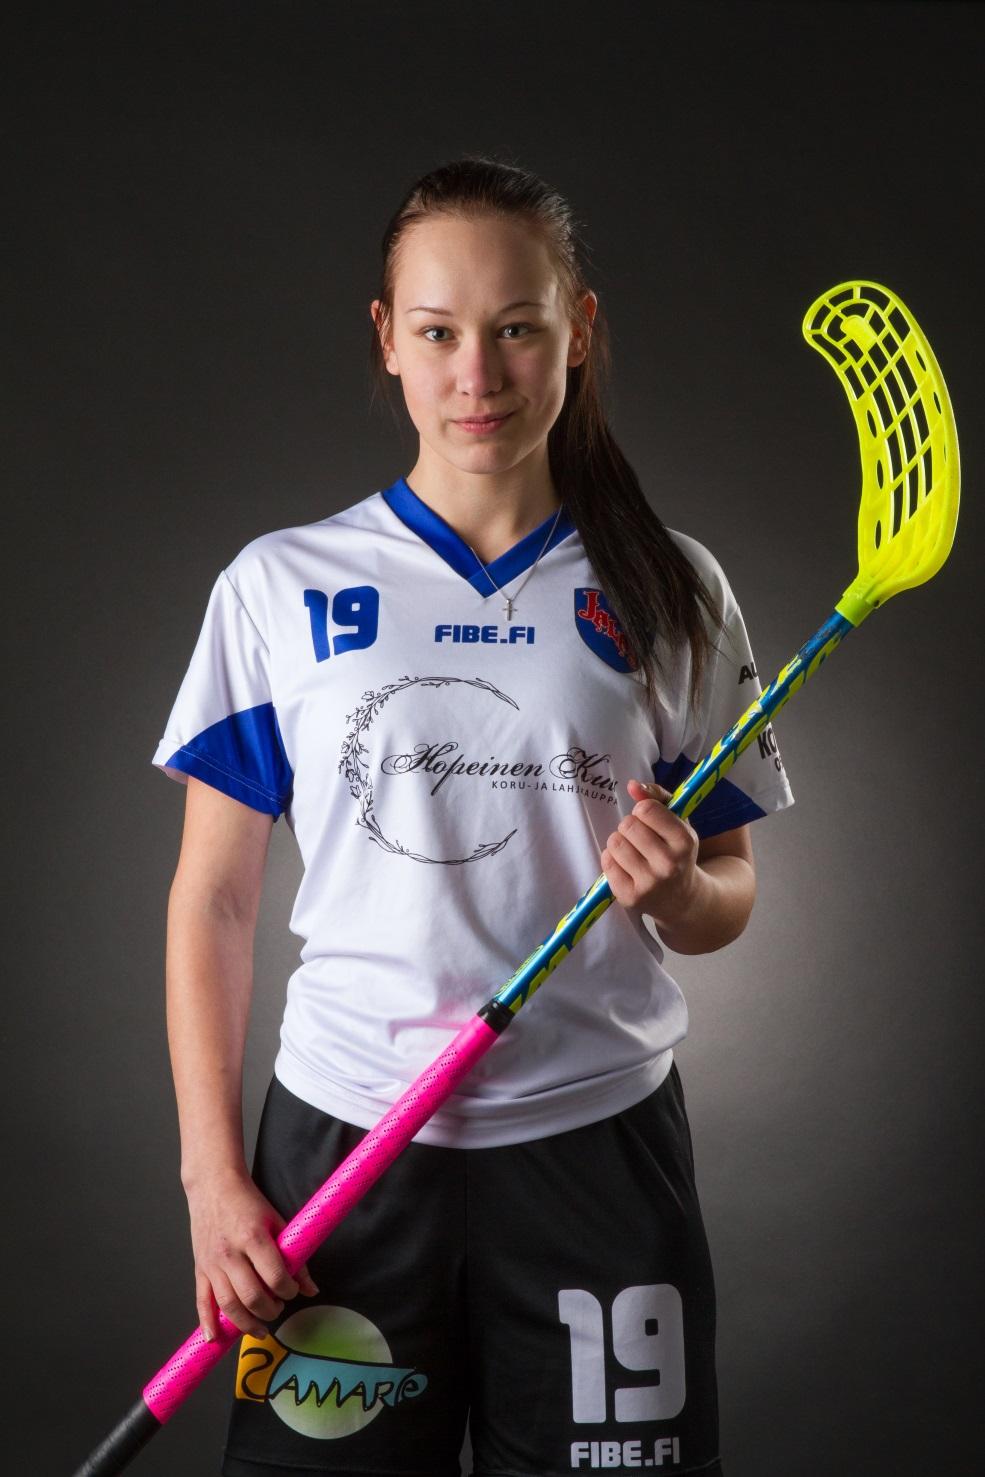 #19 Juulia Kauppila